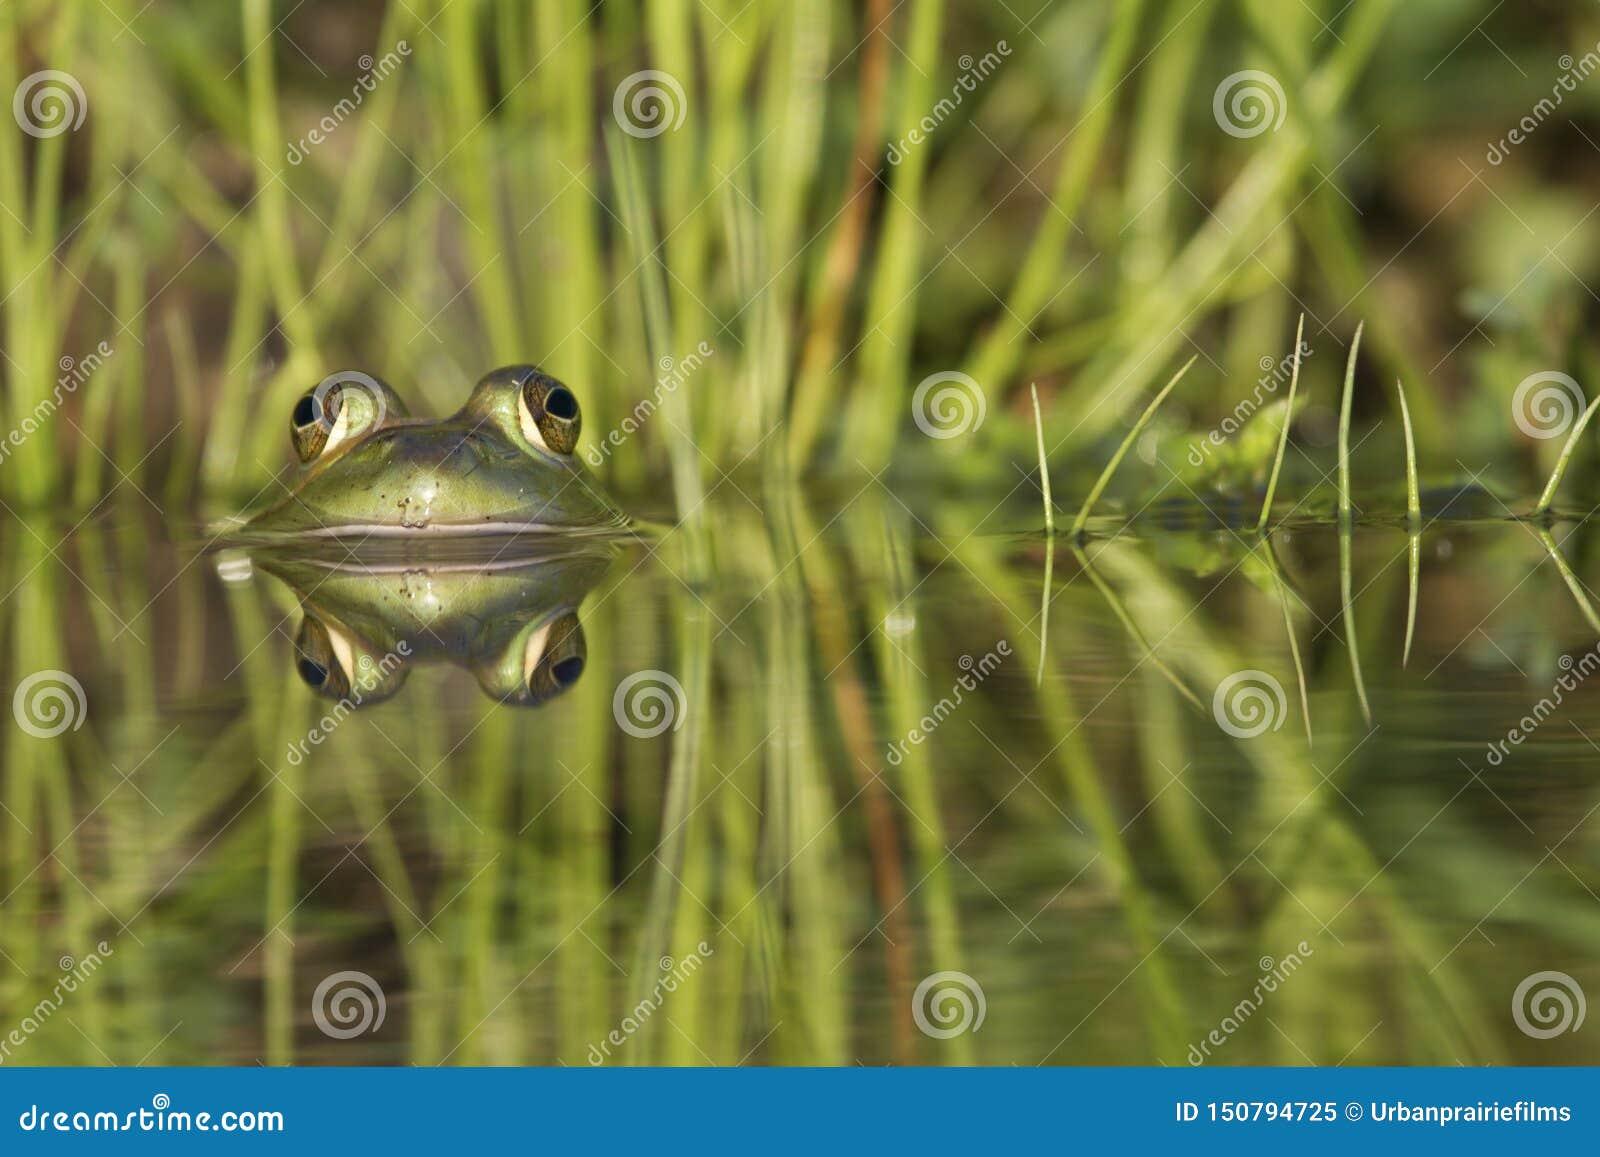 Grenouille verte reflétée dans l eau